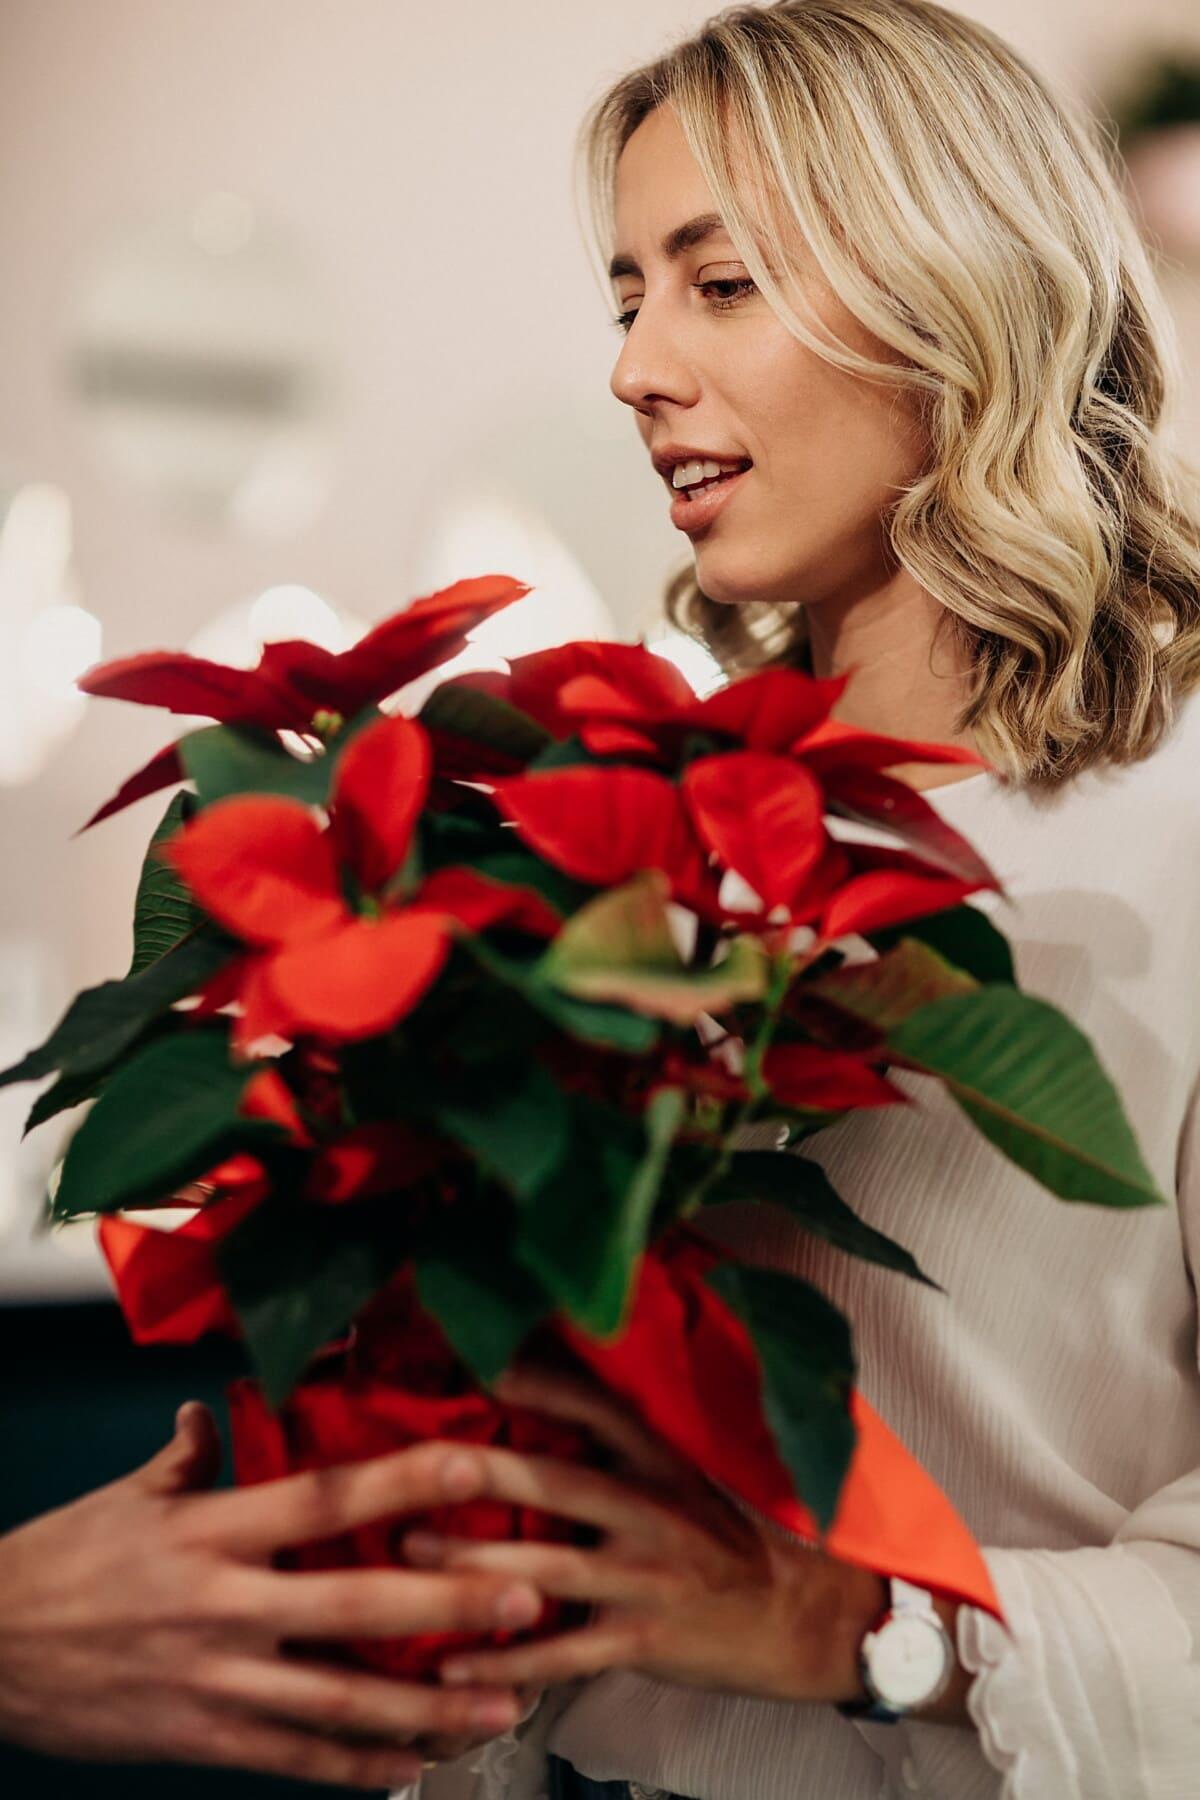 lindo, loira, Dom, vaso de flor, buquê, mulher, decoração, rosa, flor, dentro de casa